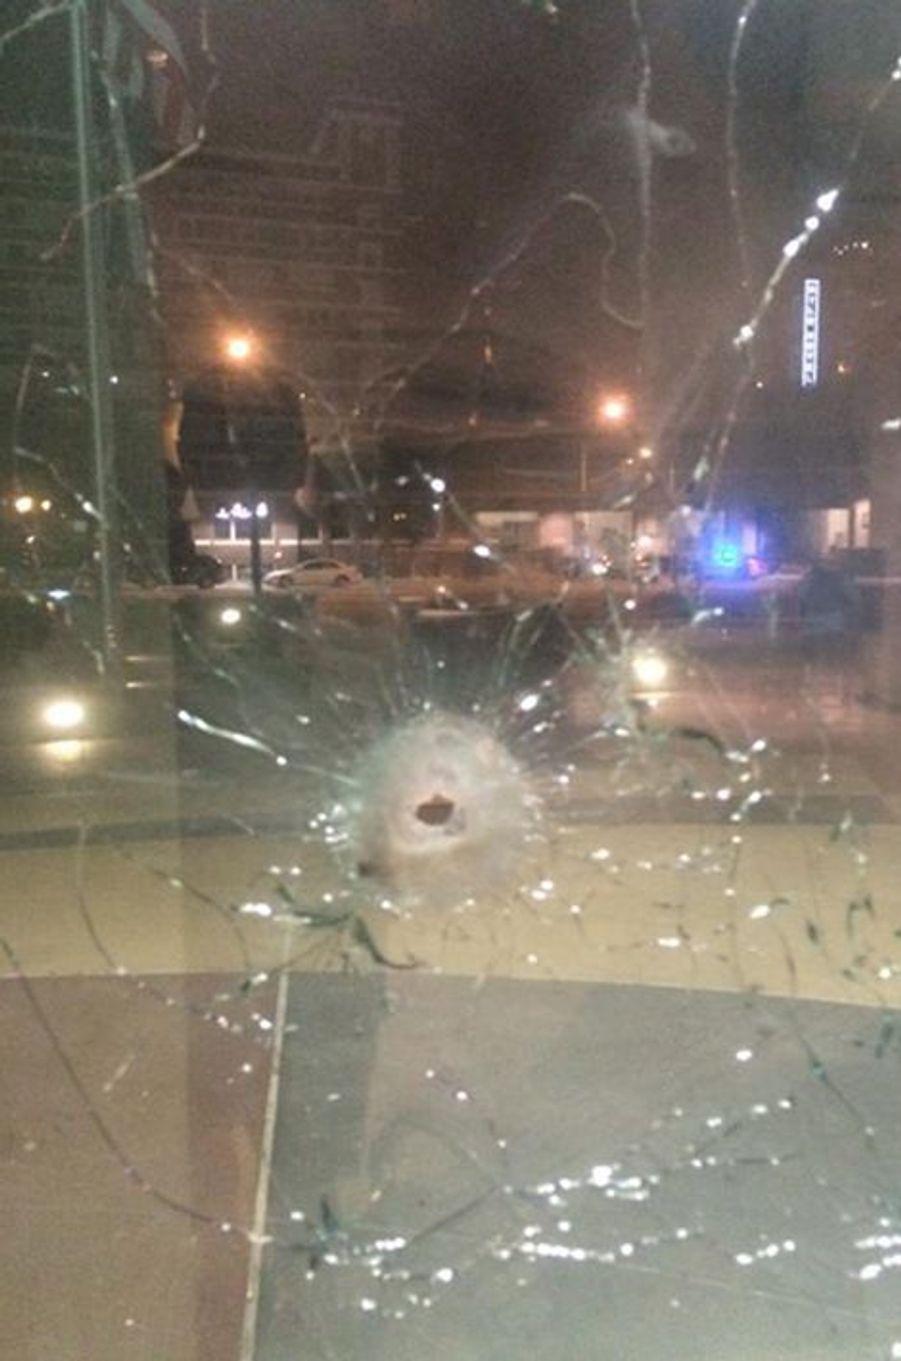 Le siège de la police de Dallas a été attaqué par un homme armé, qui a été tué